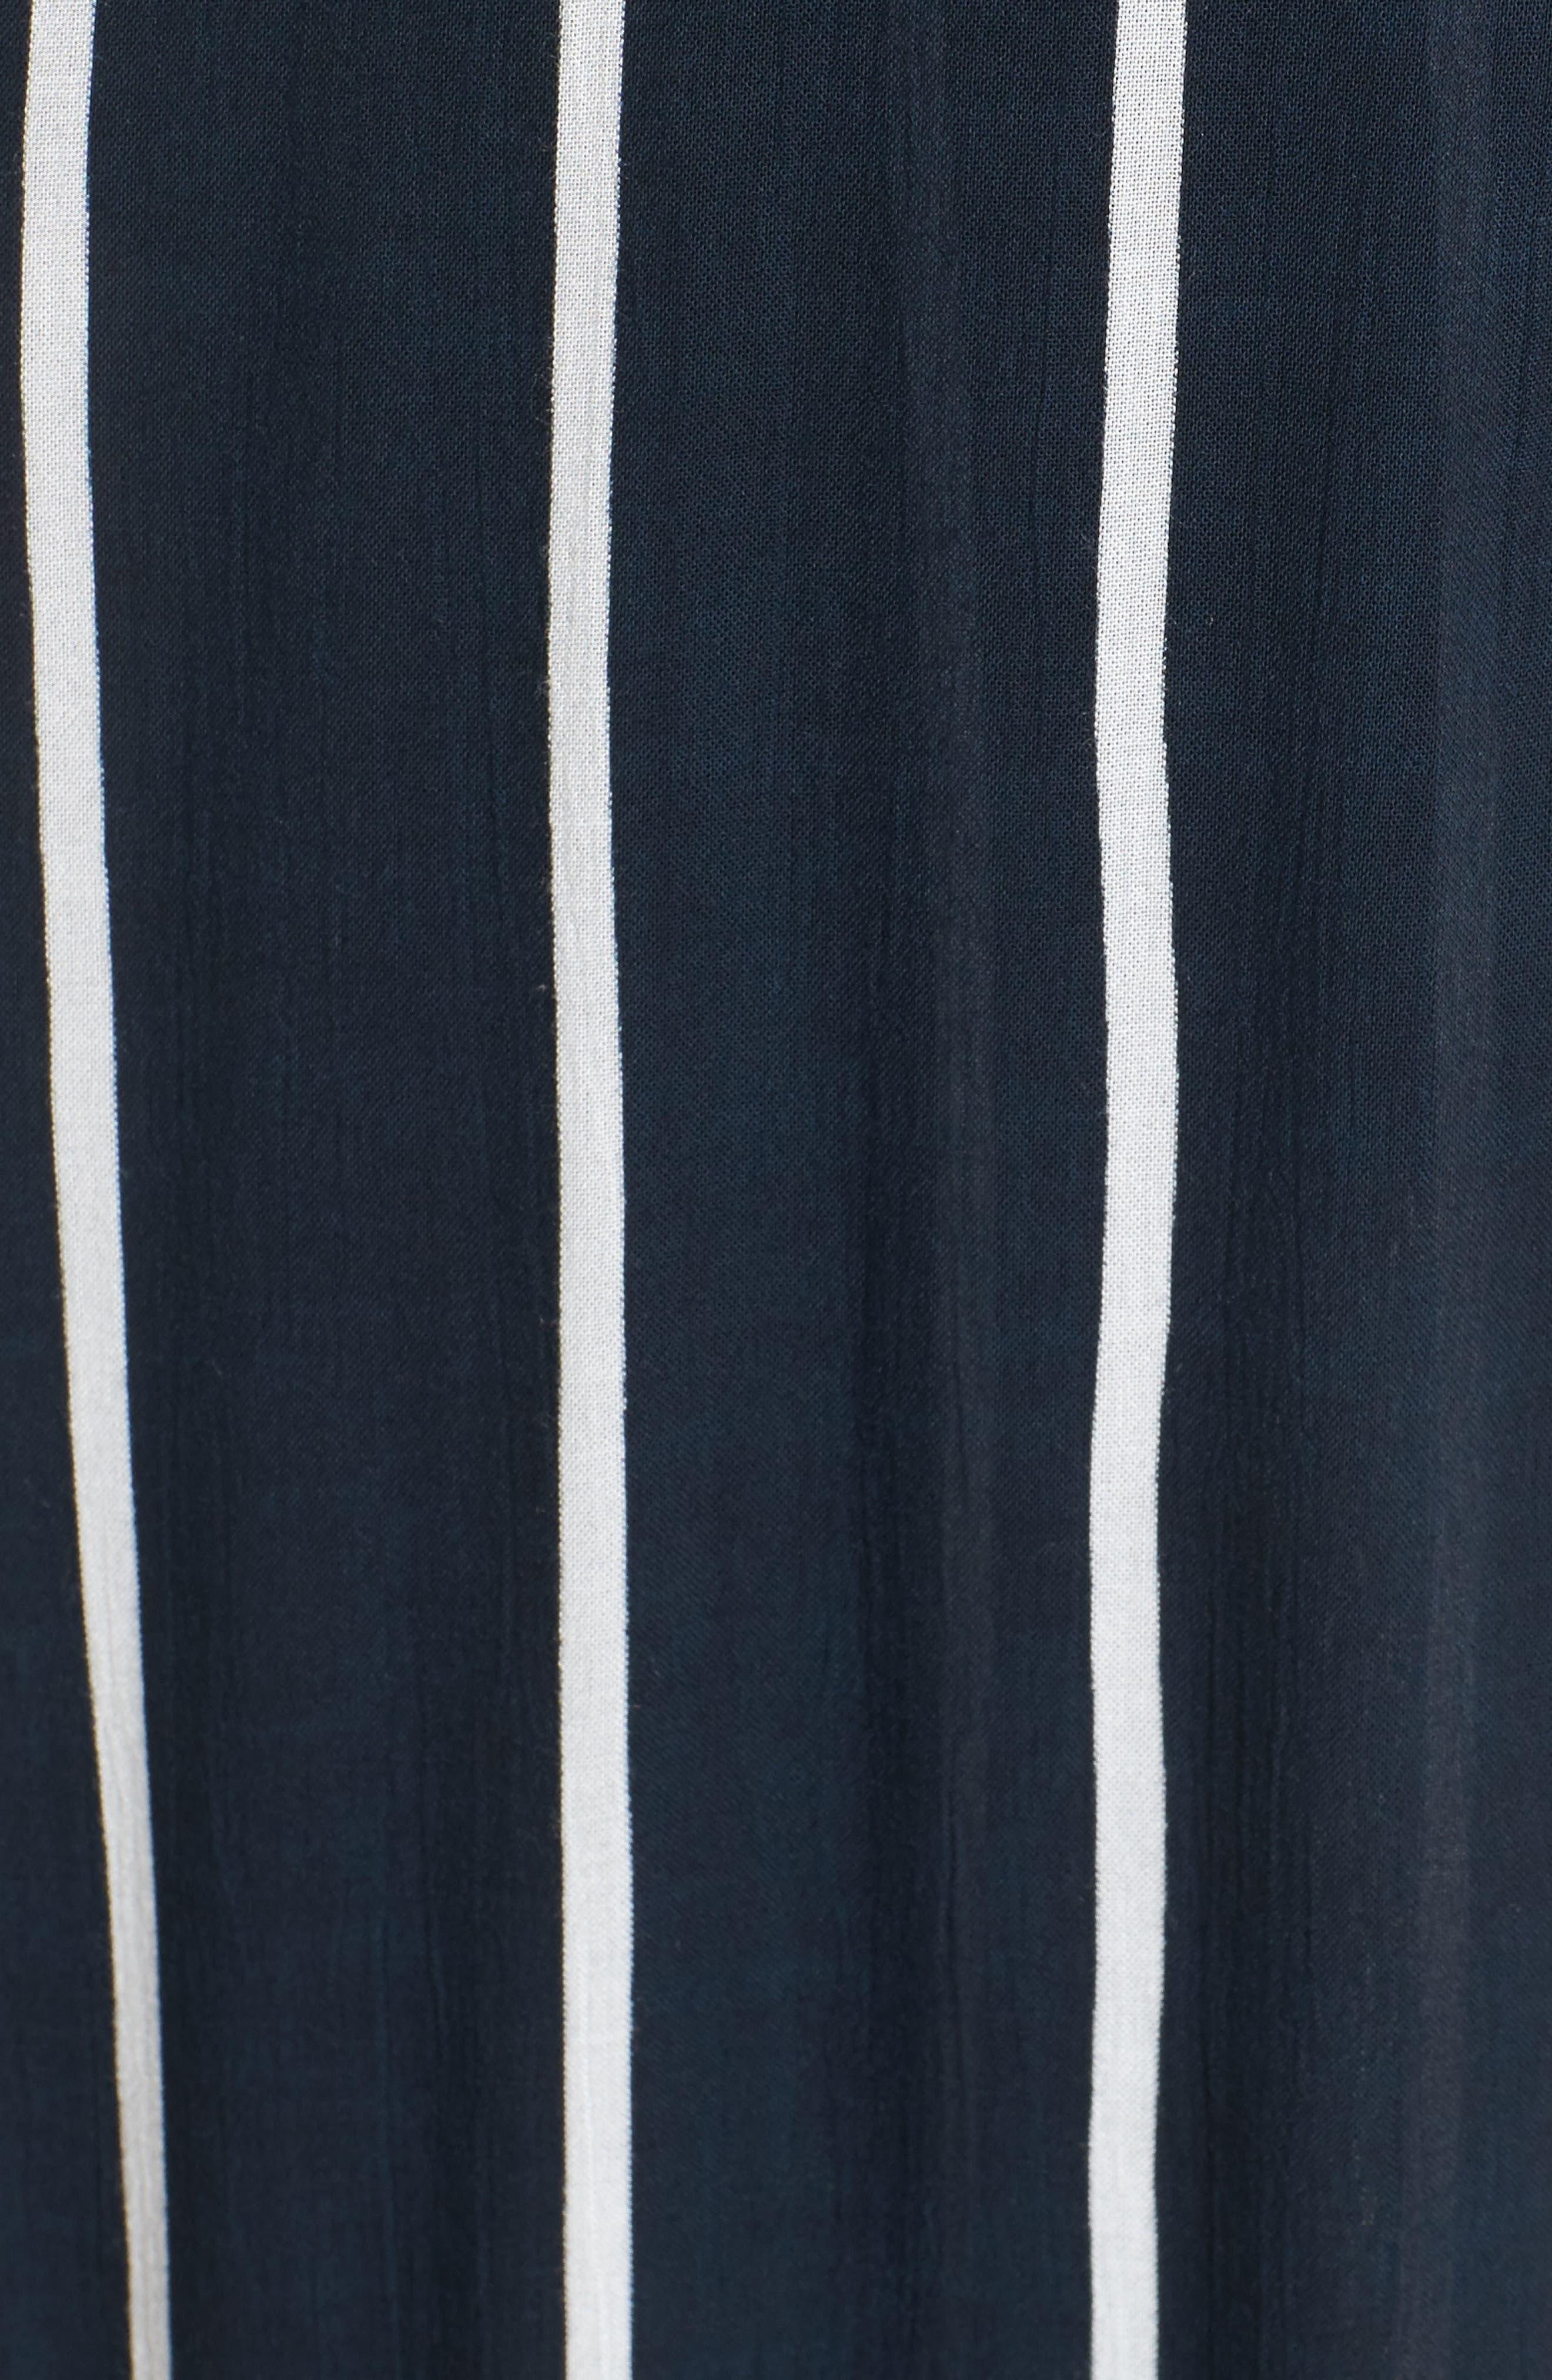 Amour Wrap Dress,                             Alternate thumbnail 5, color,                             400